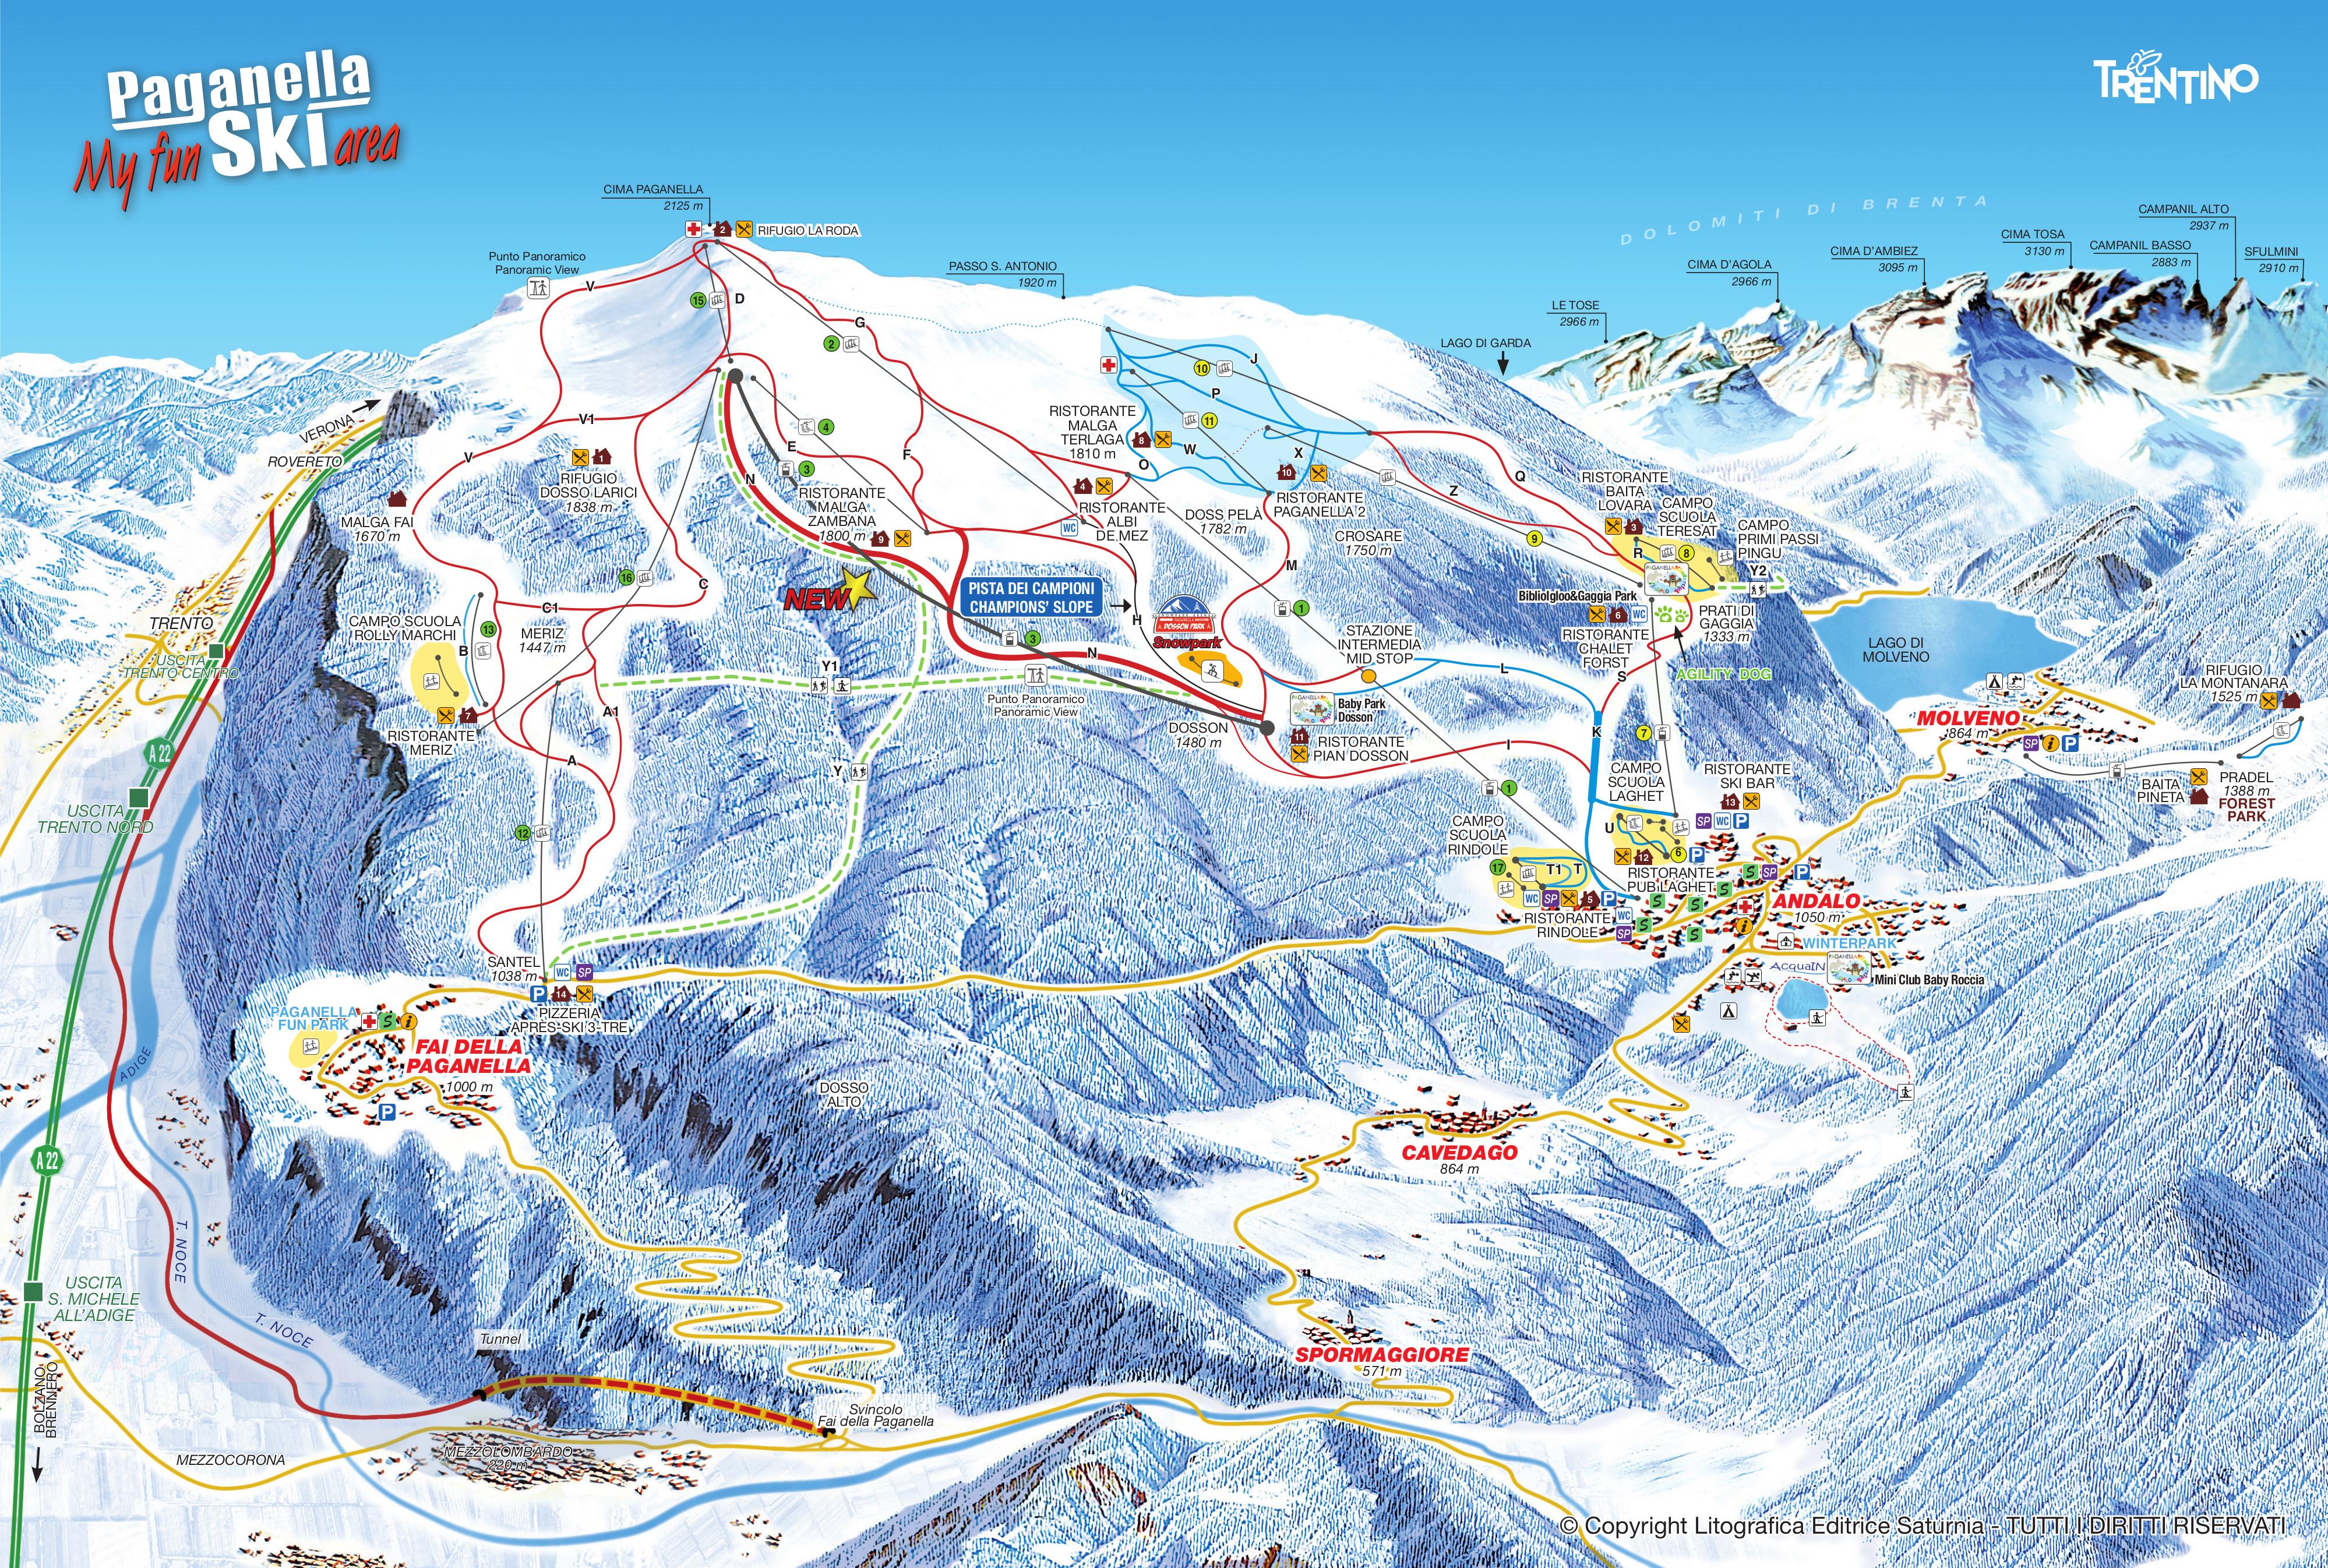 Cartina Andalo Fai della Paganella. Mappa delle piste sci | Dove Sciare